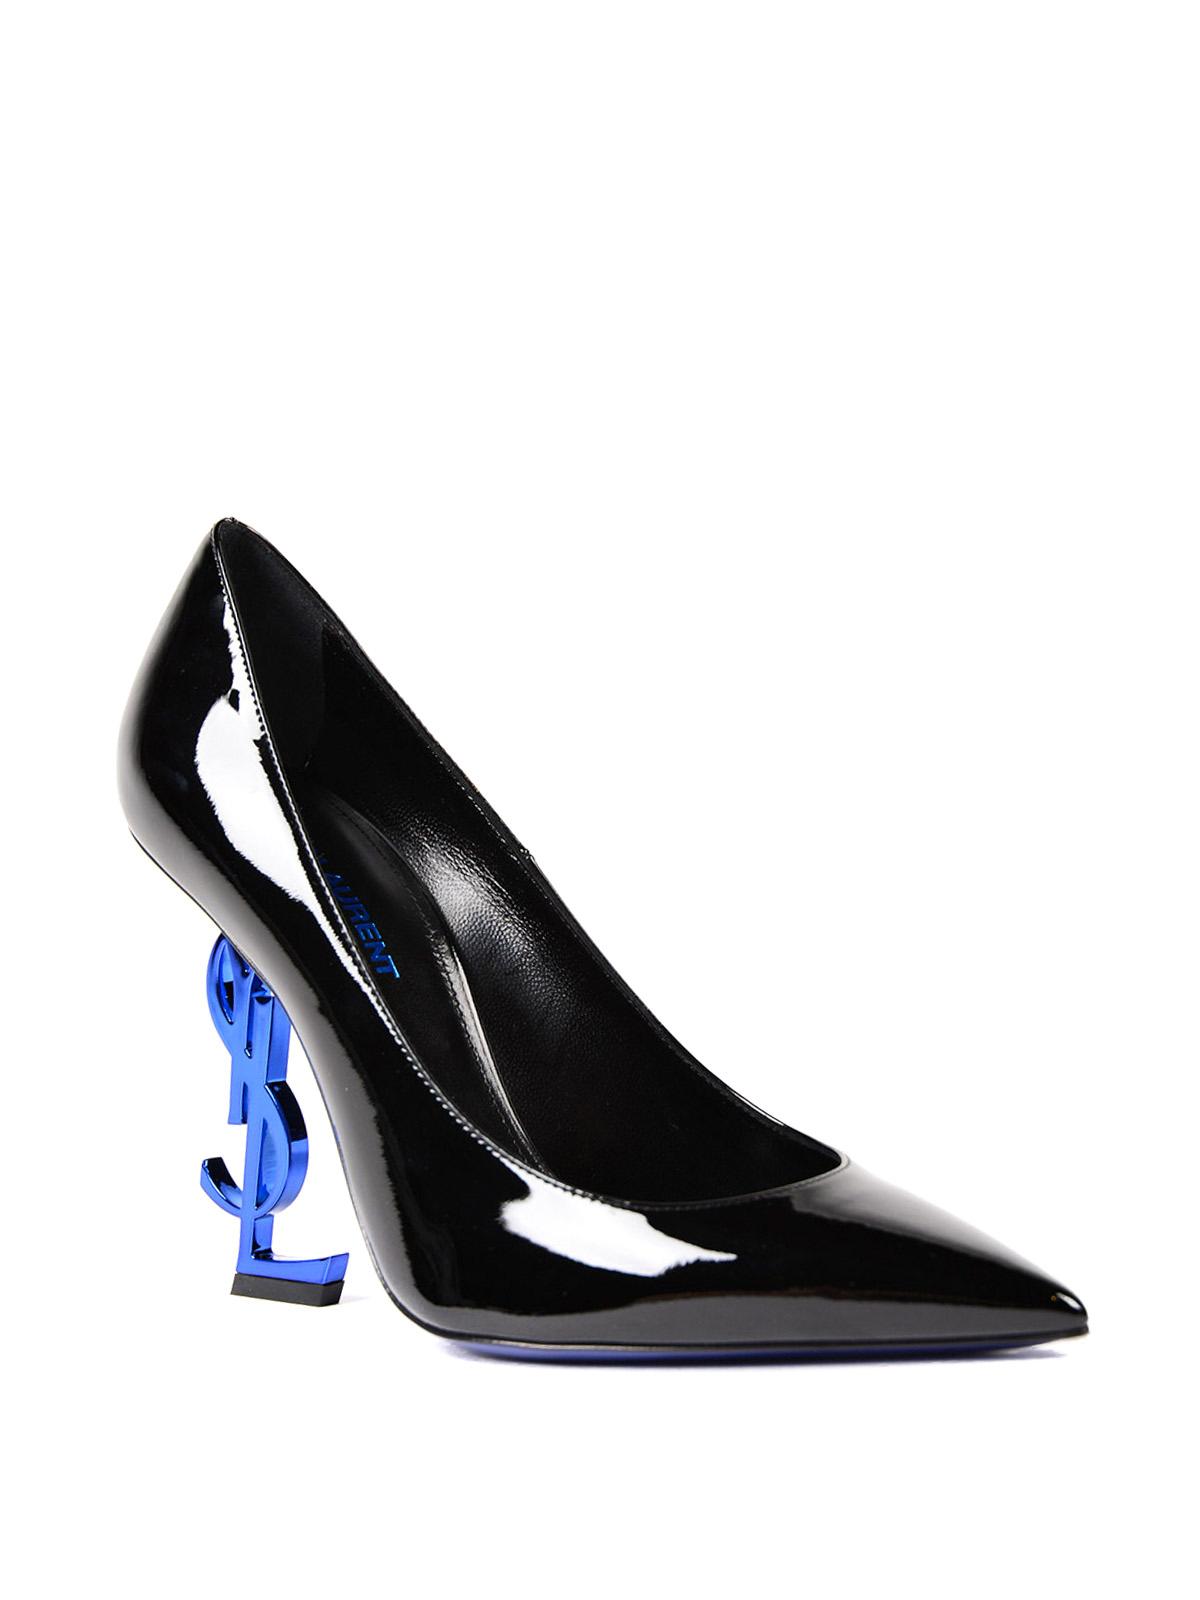 saint laurent shoes online